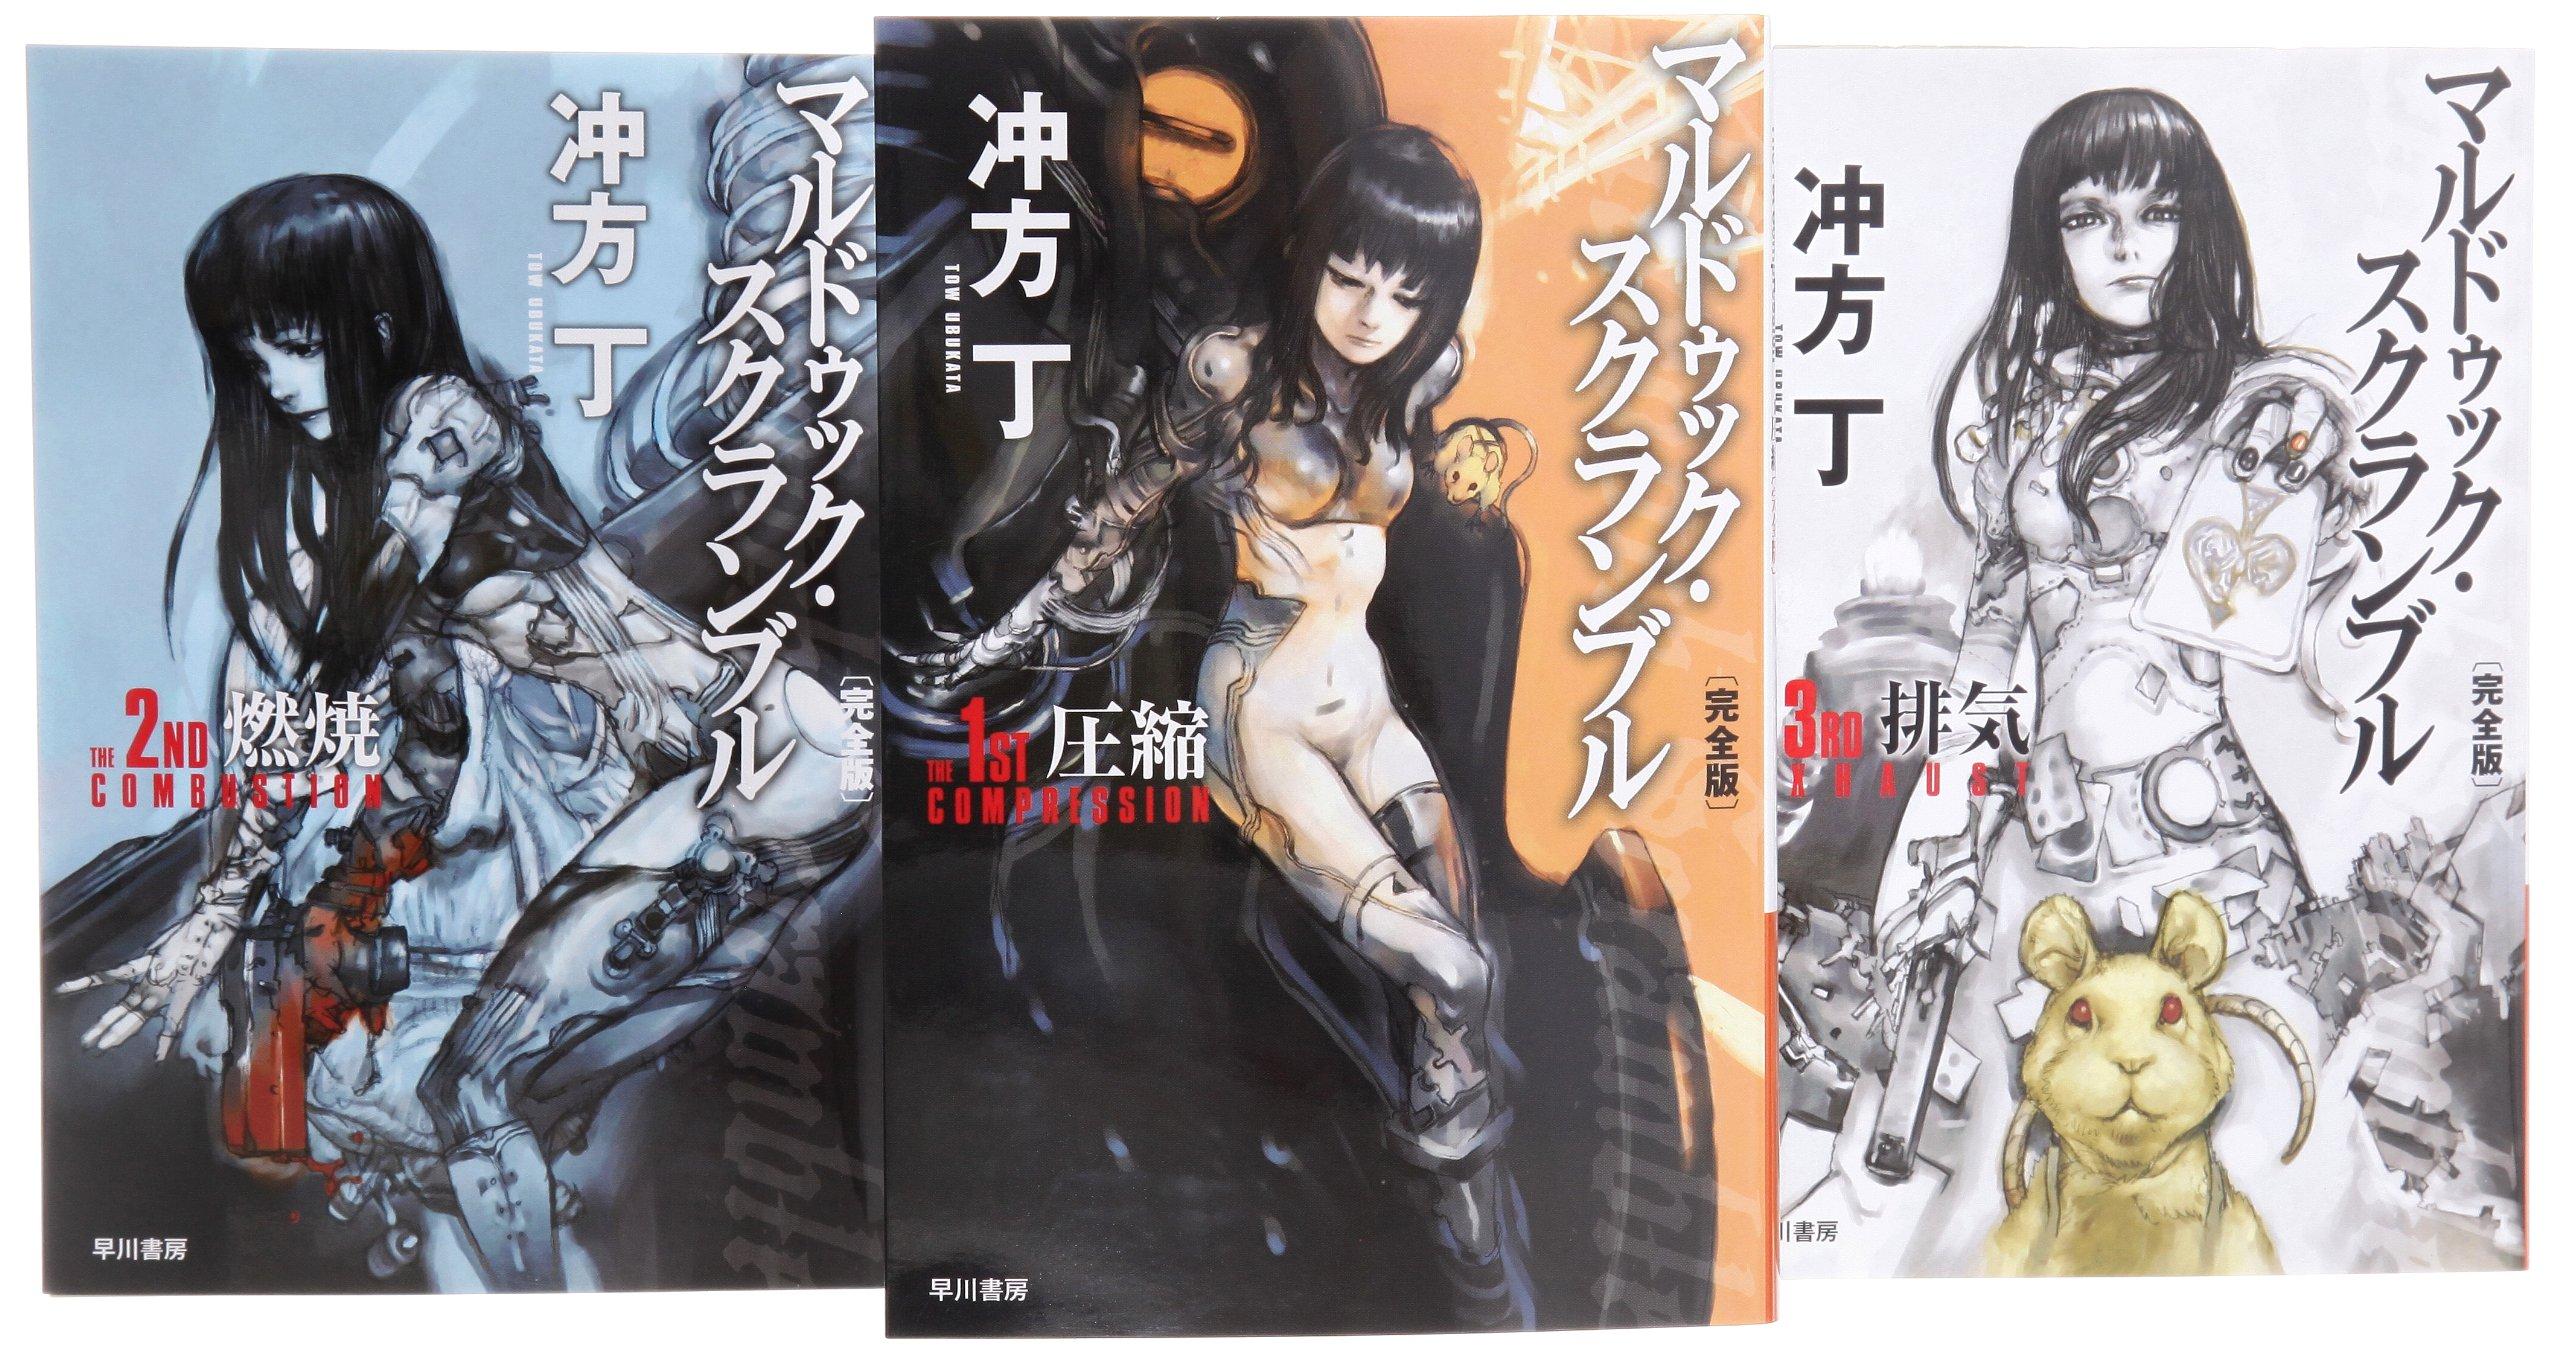 冲方丁のSF小説おすすめ5選!『天地明察』だけじゃない!